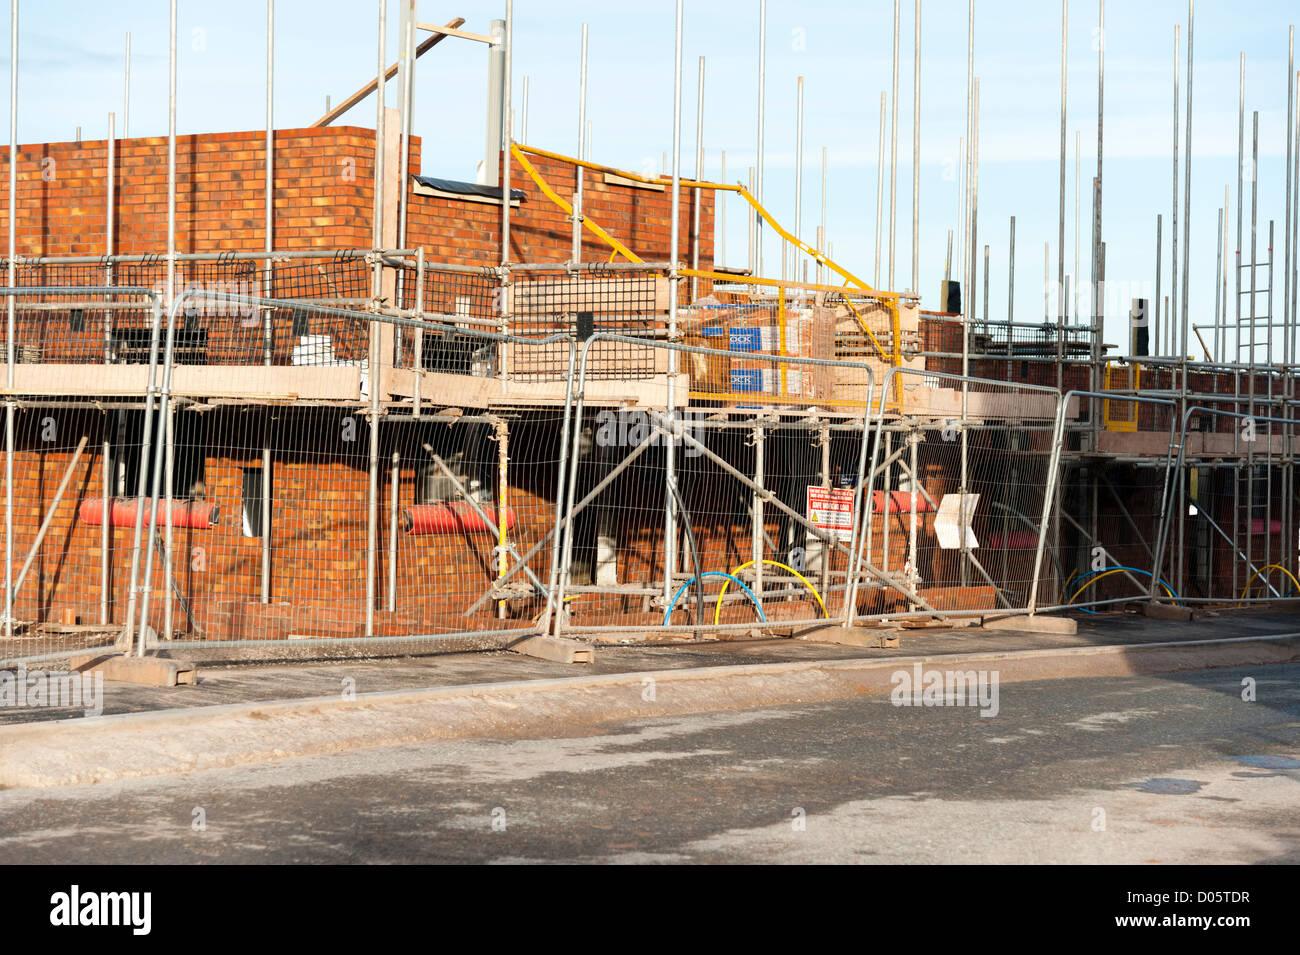 Baustelle für eine neue Wohnsiedlung, UK. Gerüst um ein neues Haus zu bauen. Stockbild